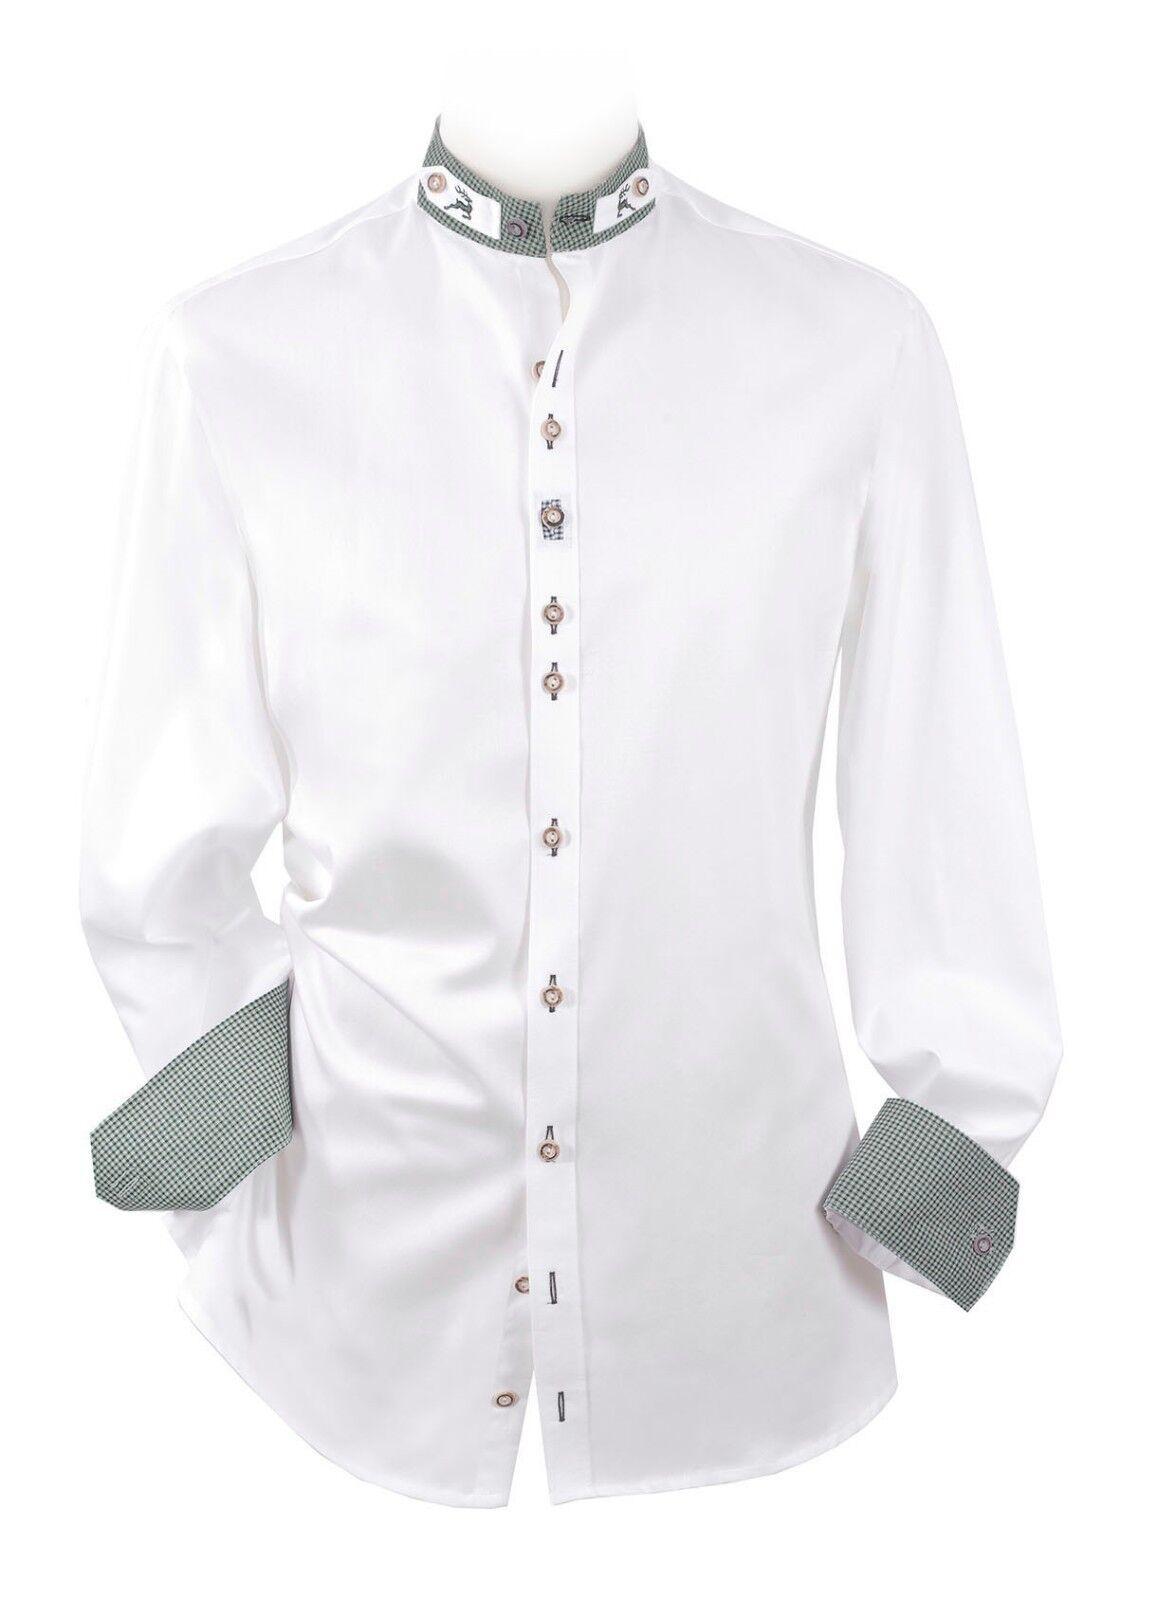 Trachtenhemd SLIM Herrenhemd Herren Langarm Stehkragen Komfort Baumwolle Weiß